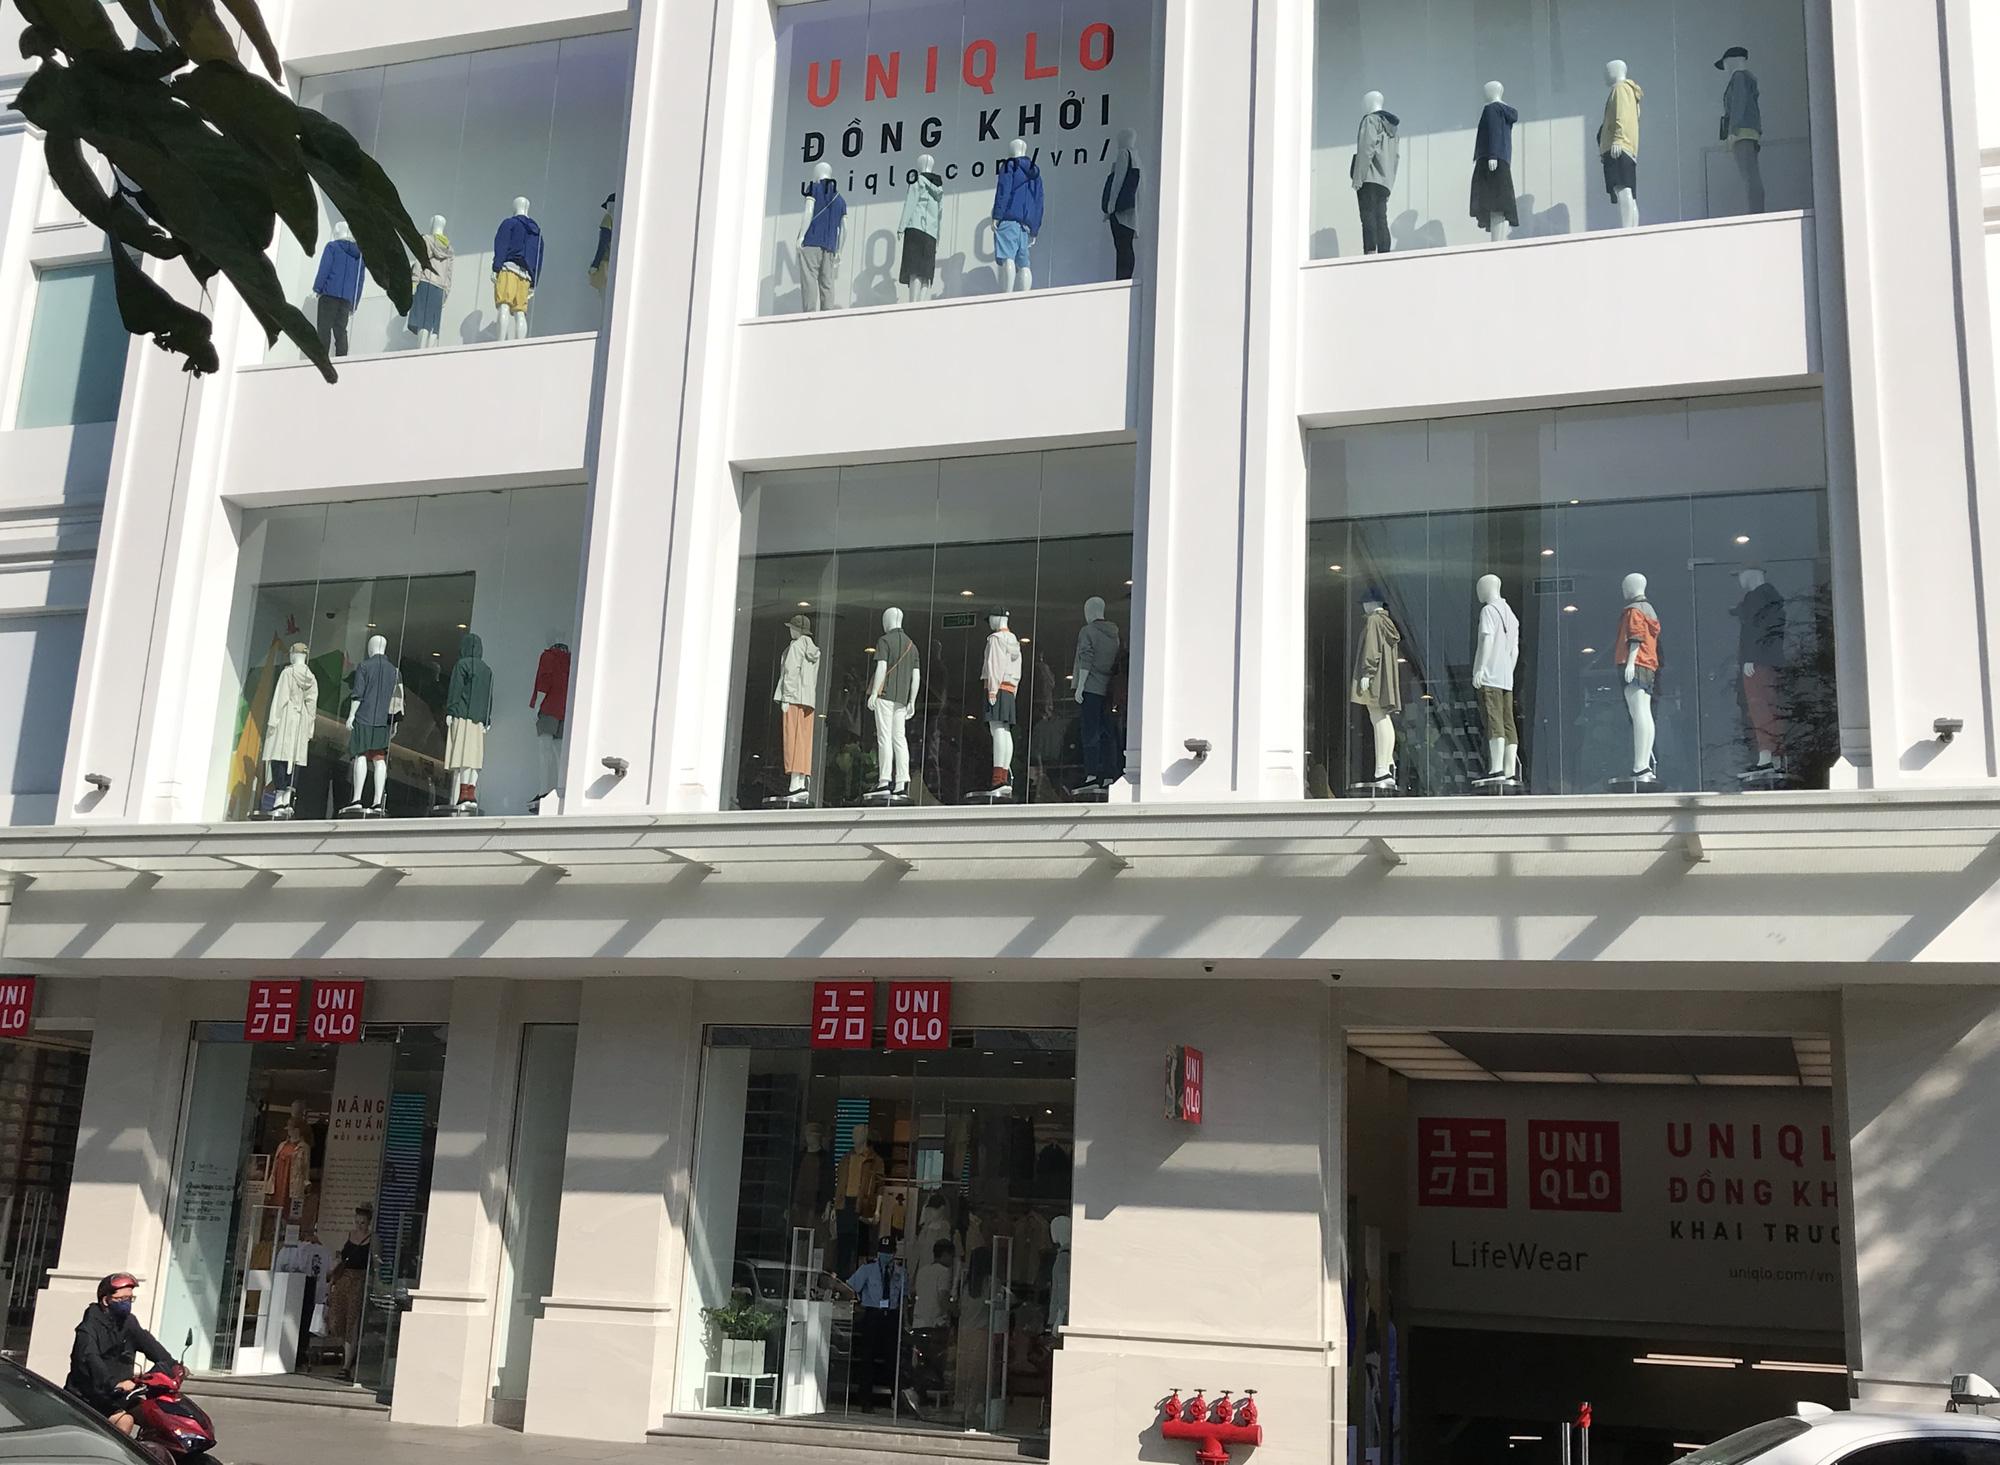 Cuối tuần, Vincom Đồng Khởi, Saigon Centre, Takashimaya vắng tanh vì nỗi lo dịch Covid-19 - Ảnh 10.